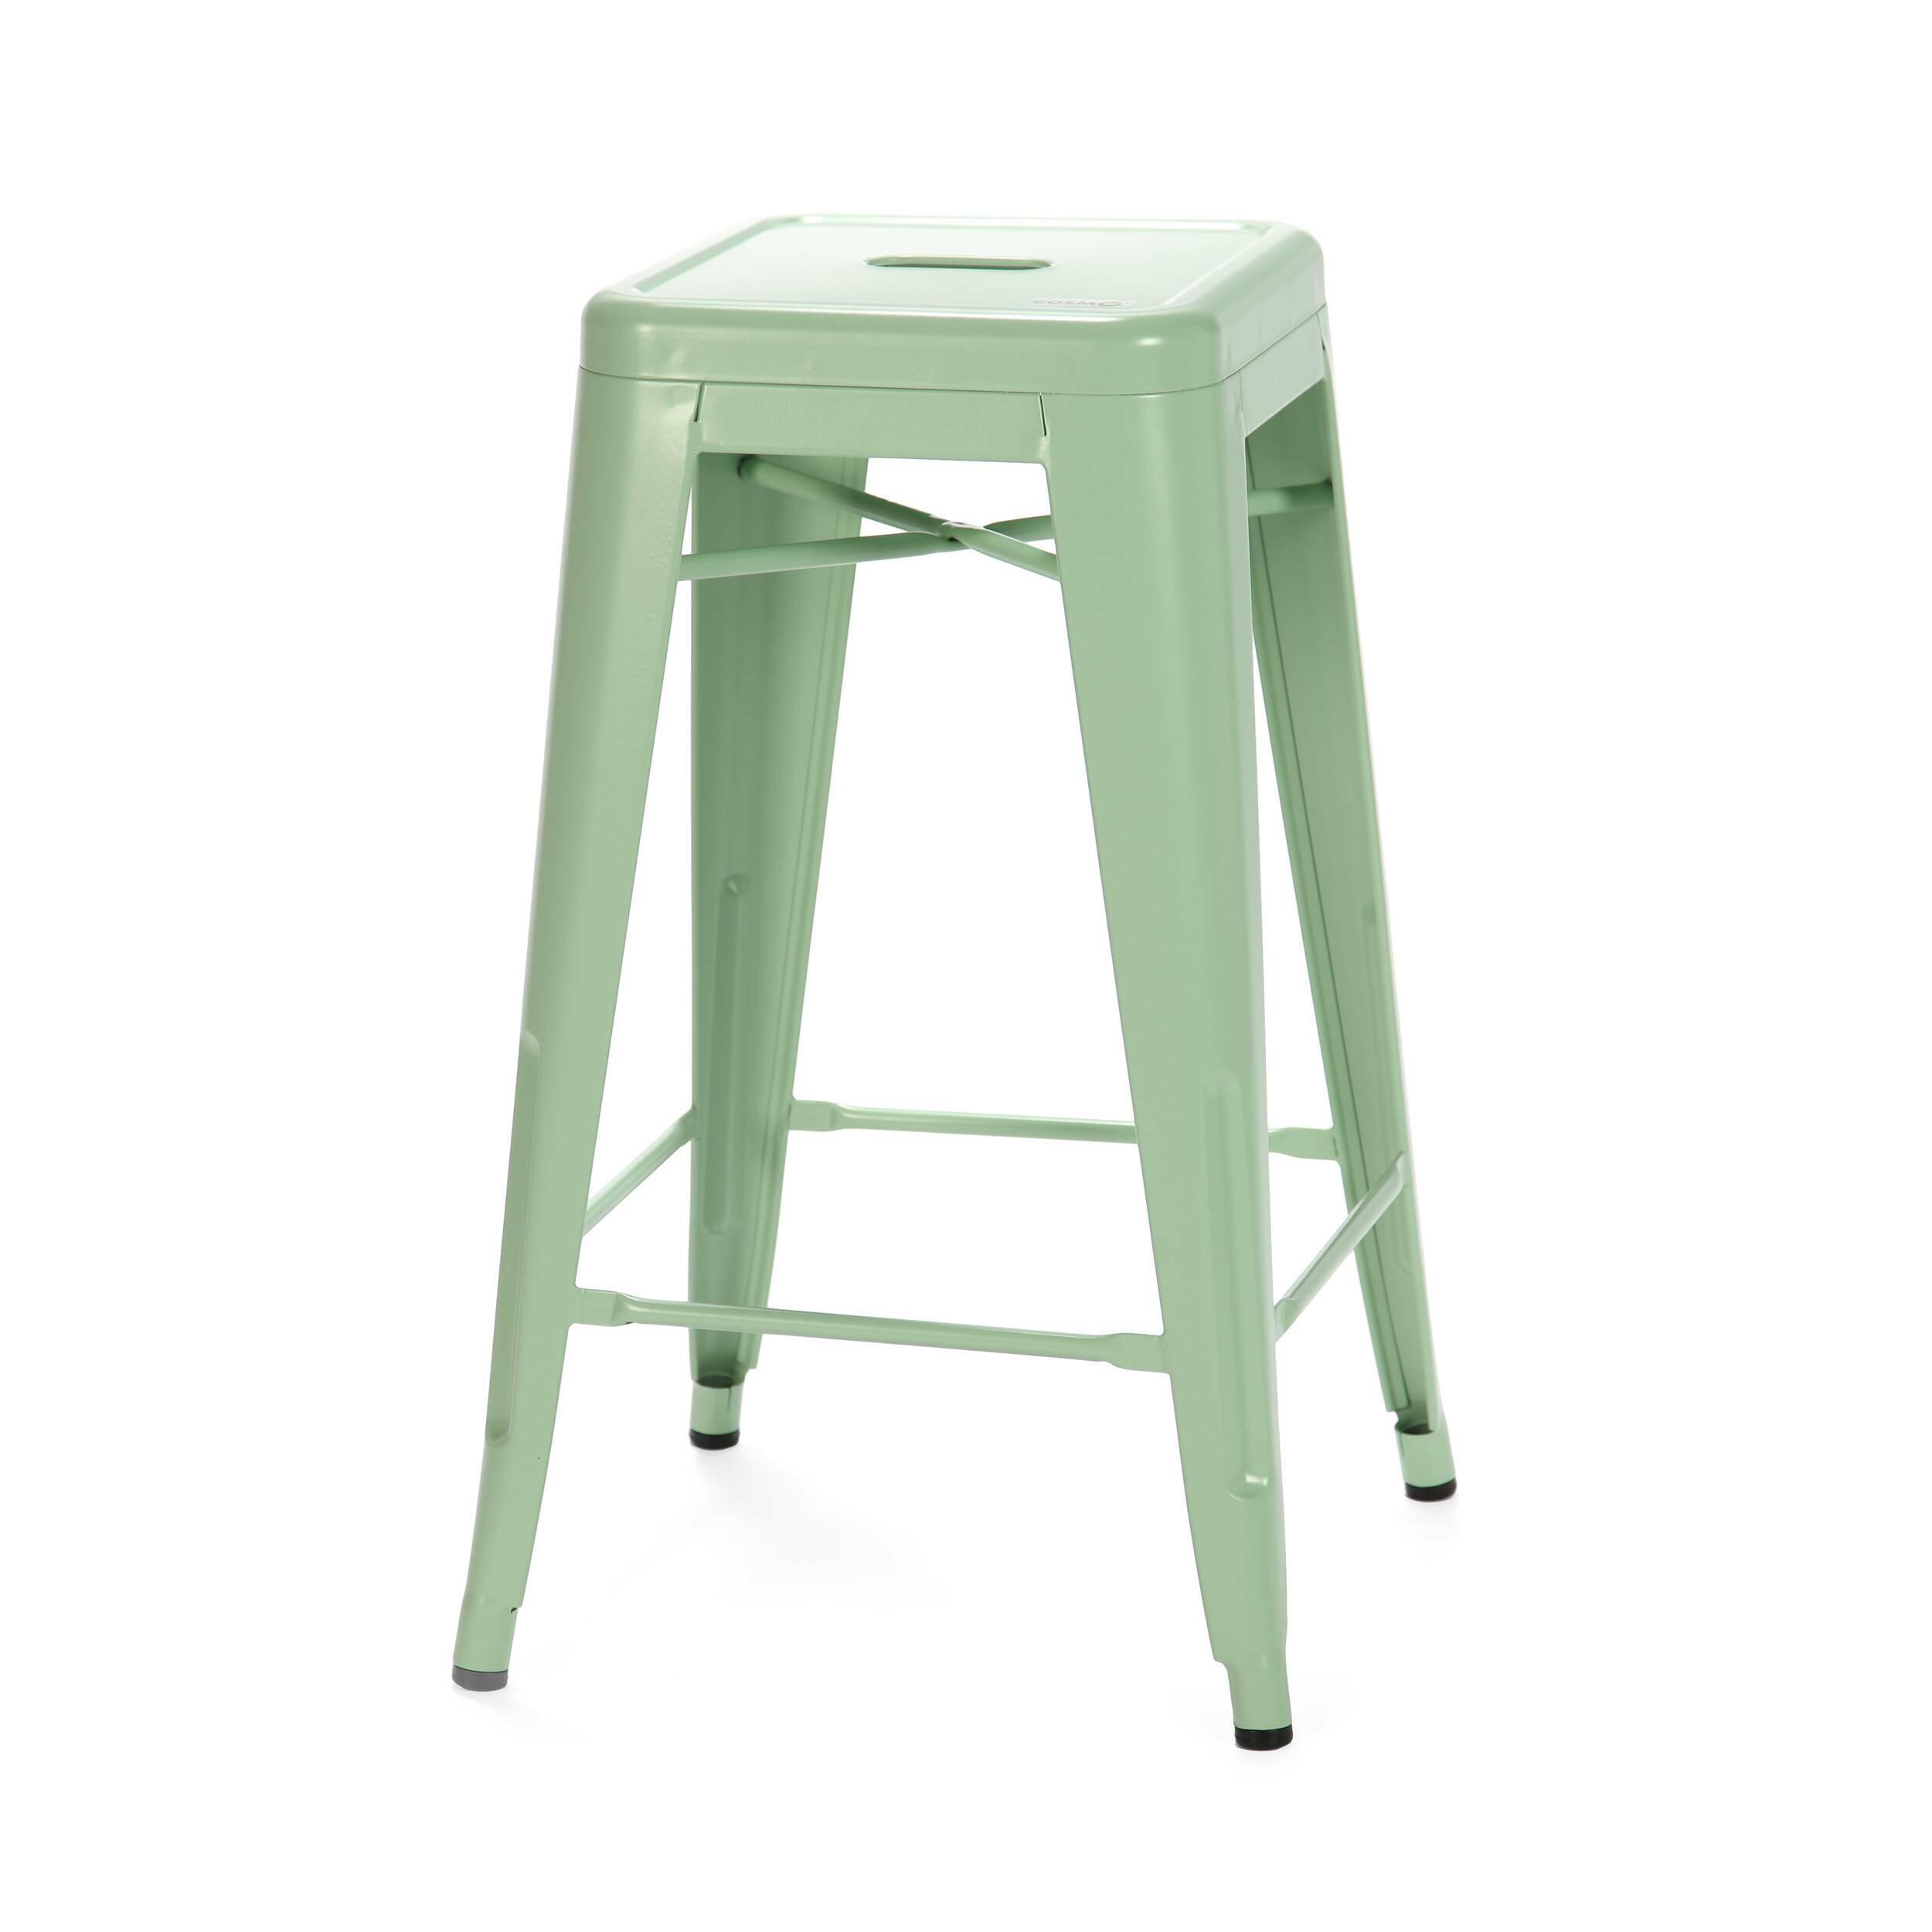 Барный стул Marais Color 2Барные<br>Дизайнерский цветной стальной барный стул Marais Color 2 (Мэрейс Калар) без спинки от Cosmo (Космо).<br> Барный стул Marais Color 2 — олицетворение винтажного стиля, его грациозные линии создают ощущение легкости и невесомости. Несмотря на хрупкий вид, этот предмет мебели невероятно прочен и долговечен. Высококачественный металл, обработанный методом гальванизации, выдерживает самые агрессивные условия окружающей среды. Не случайно модель не утратила актуальности с начала ХХ века — именно тогда...<br><br>stock: 20<br>Высота: 66<br>Ширина: 41<br>Глубина: 41<br>Тип материала каркаса: Сталь<br>Цвет каркаса: Светло-зеленый